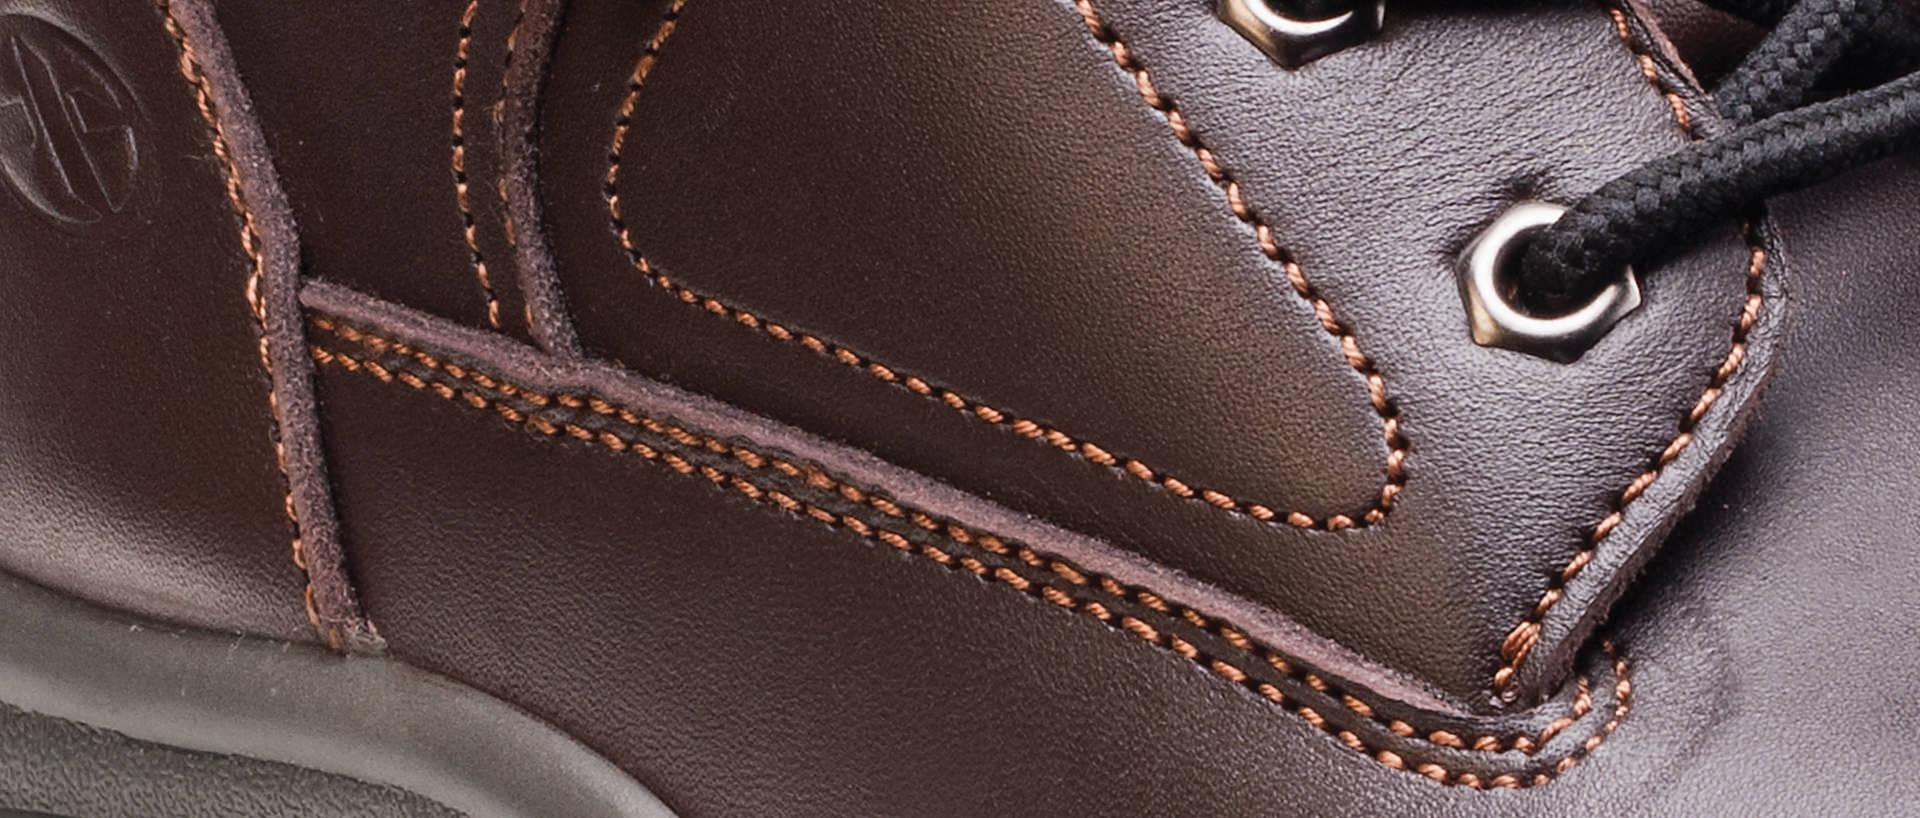 hiker_specific_shoe_screen_width_detail_shot_1920px_818px